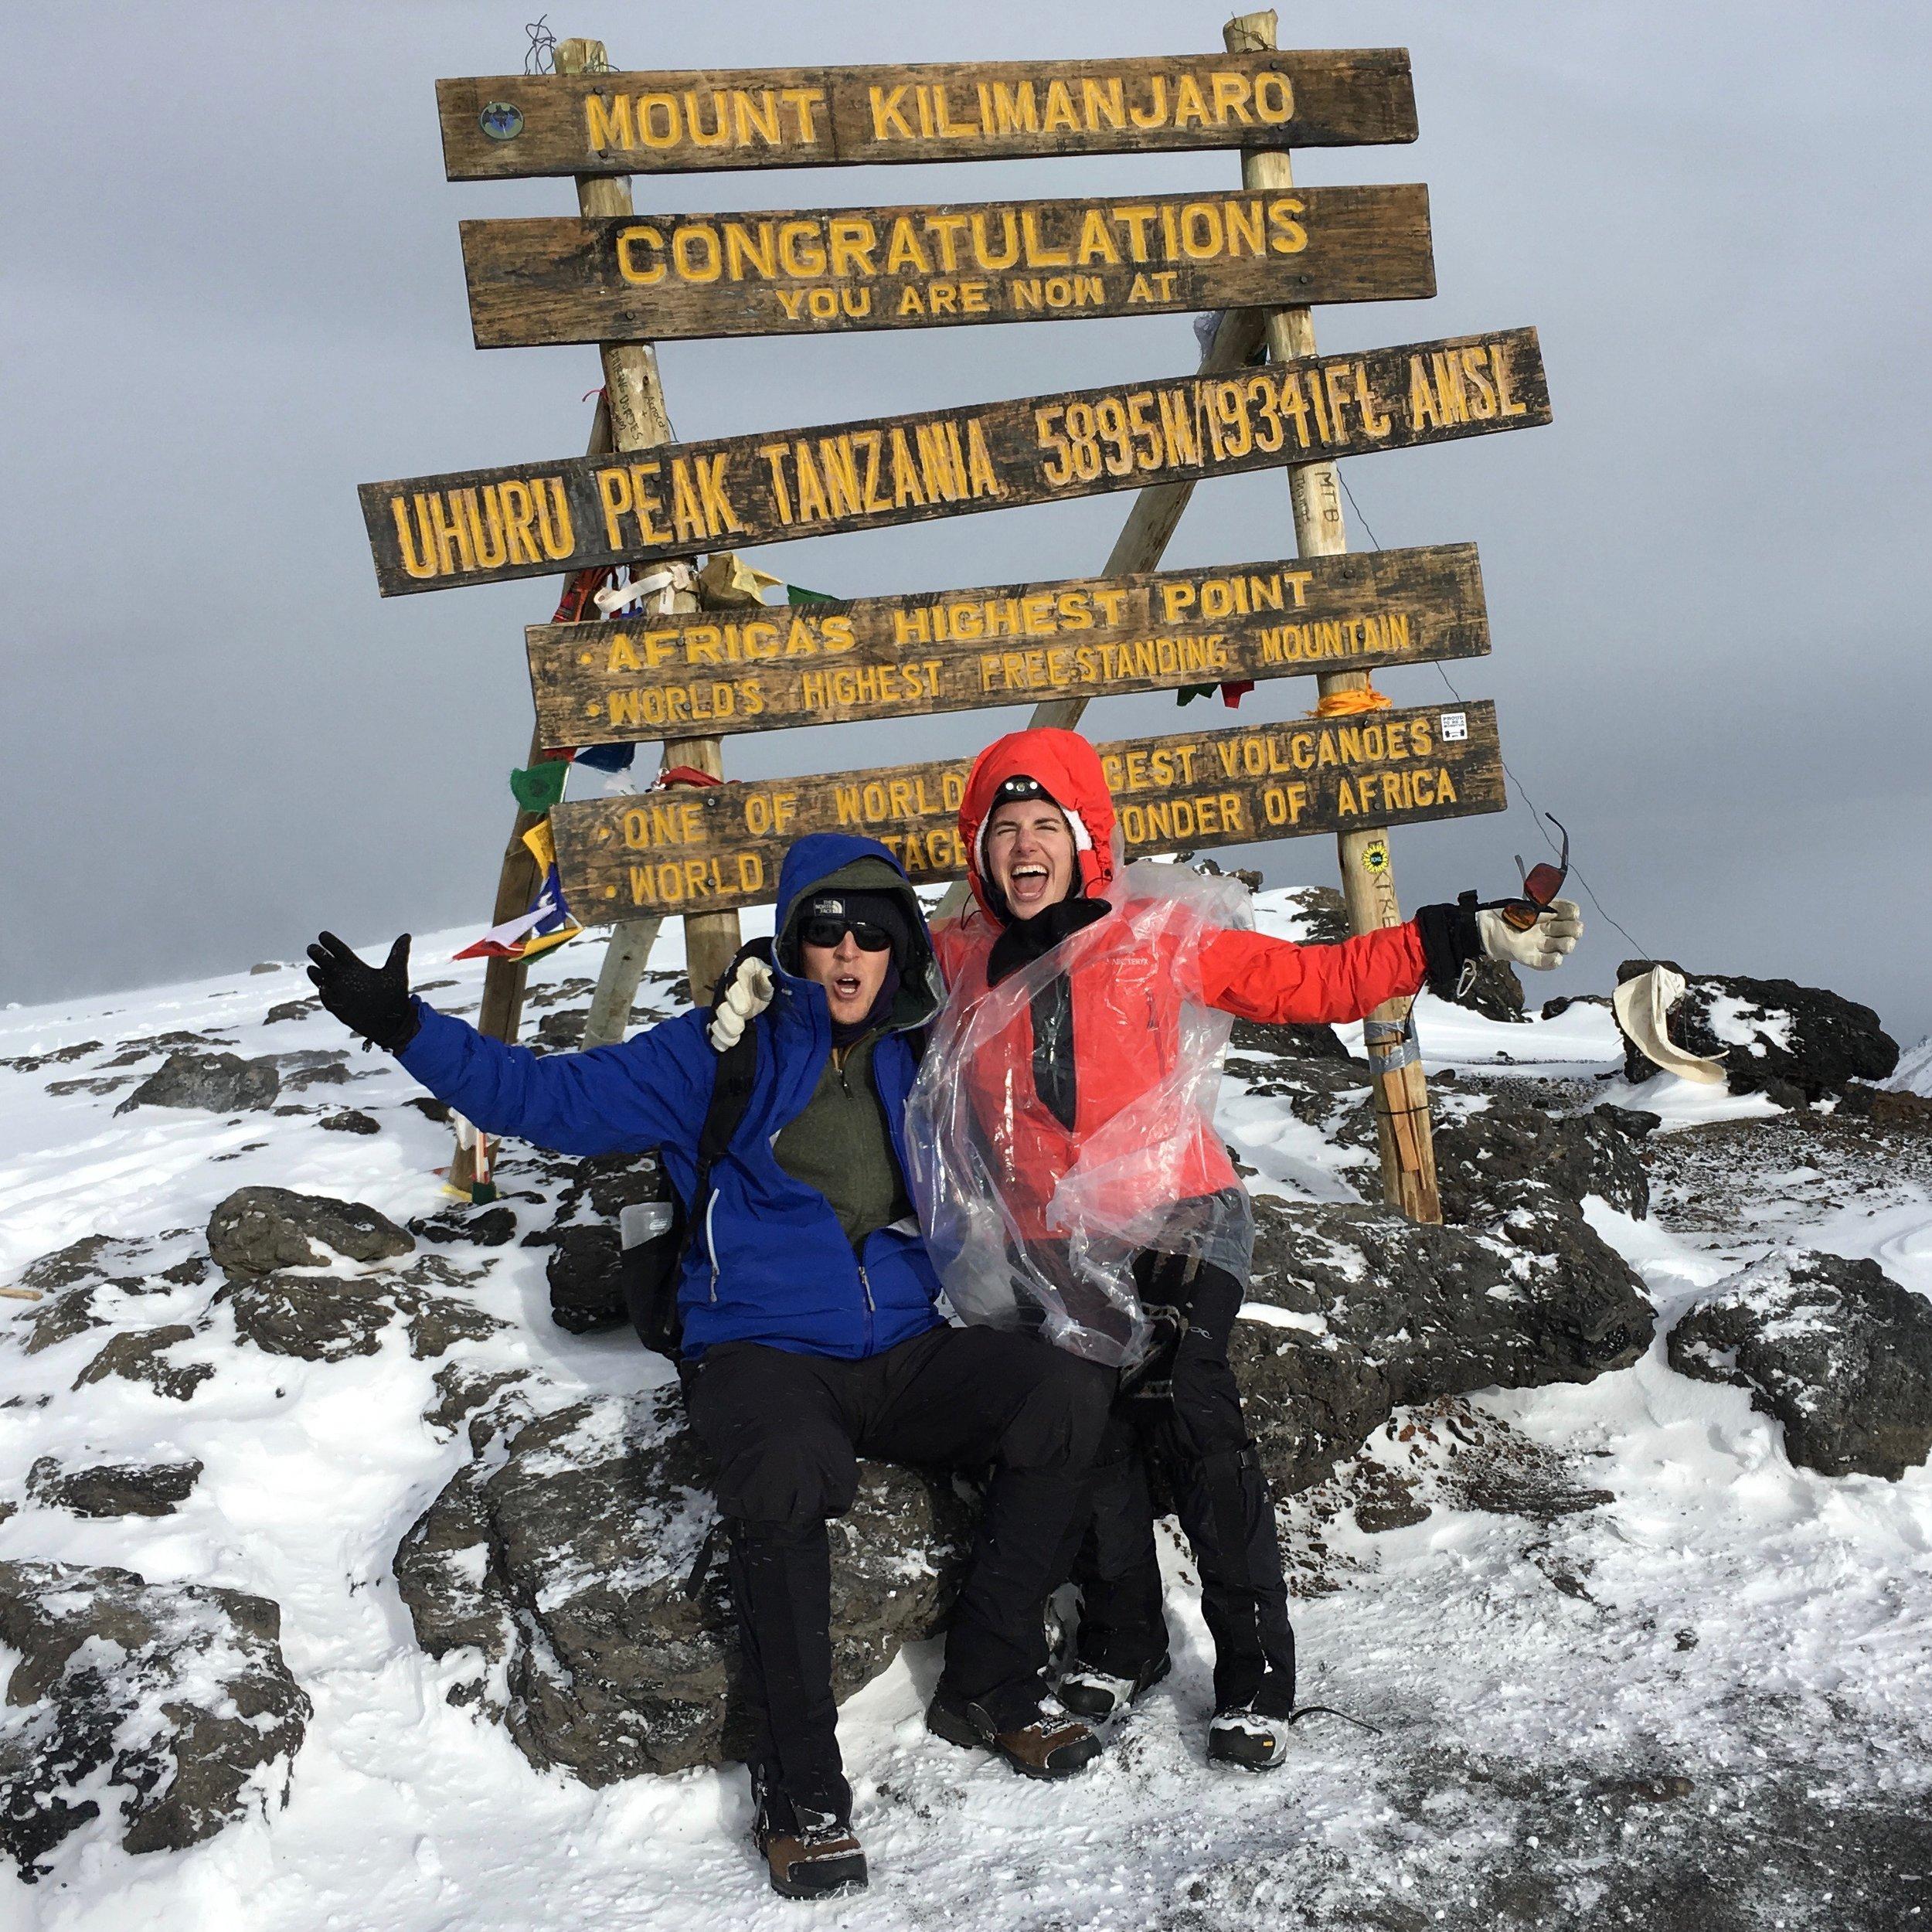 Uhuru Peak, Mt. Kilimanjaro, Tanzania